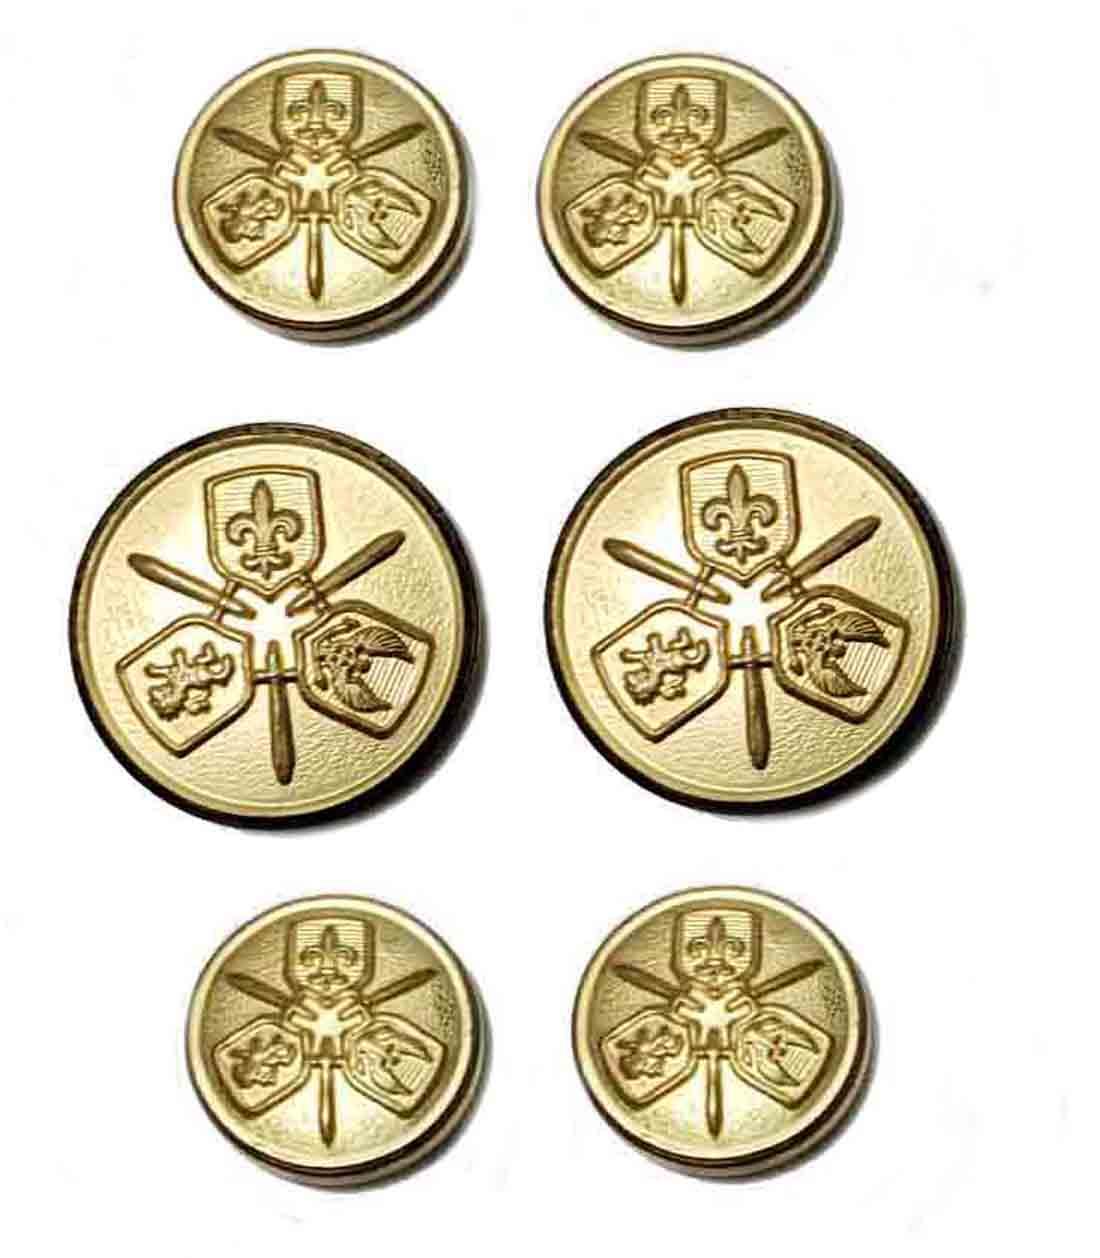 Vintage Waterbury Blazer Buttons Gold Brass Three Shield Pattern Shank Men's